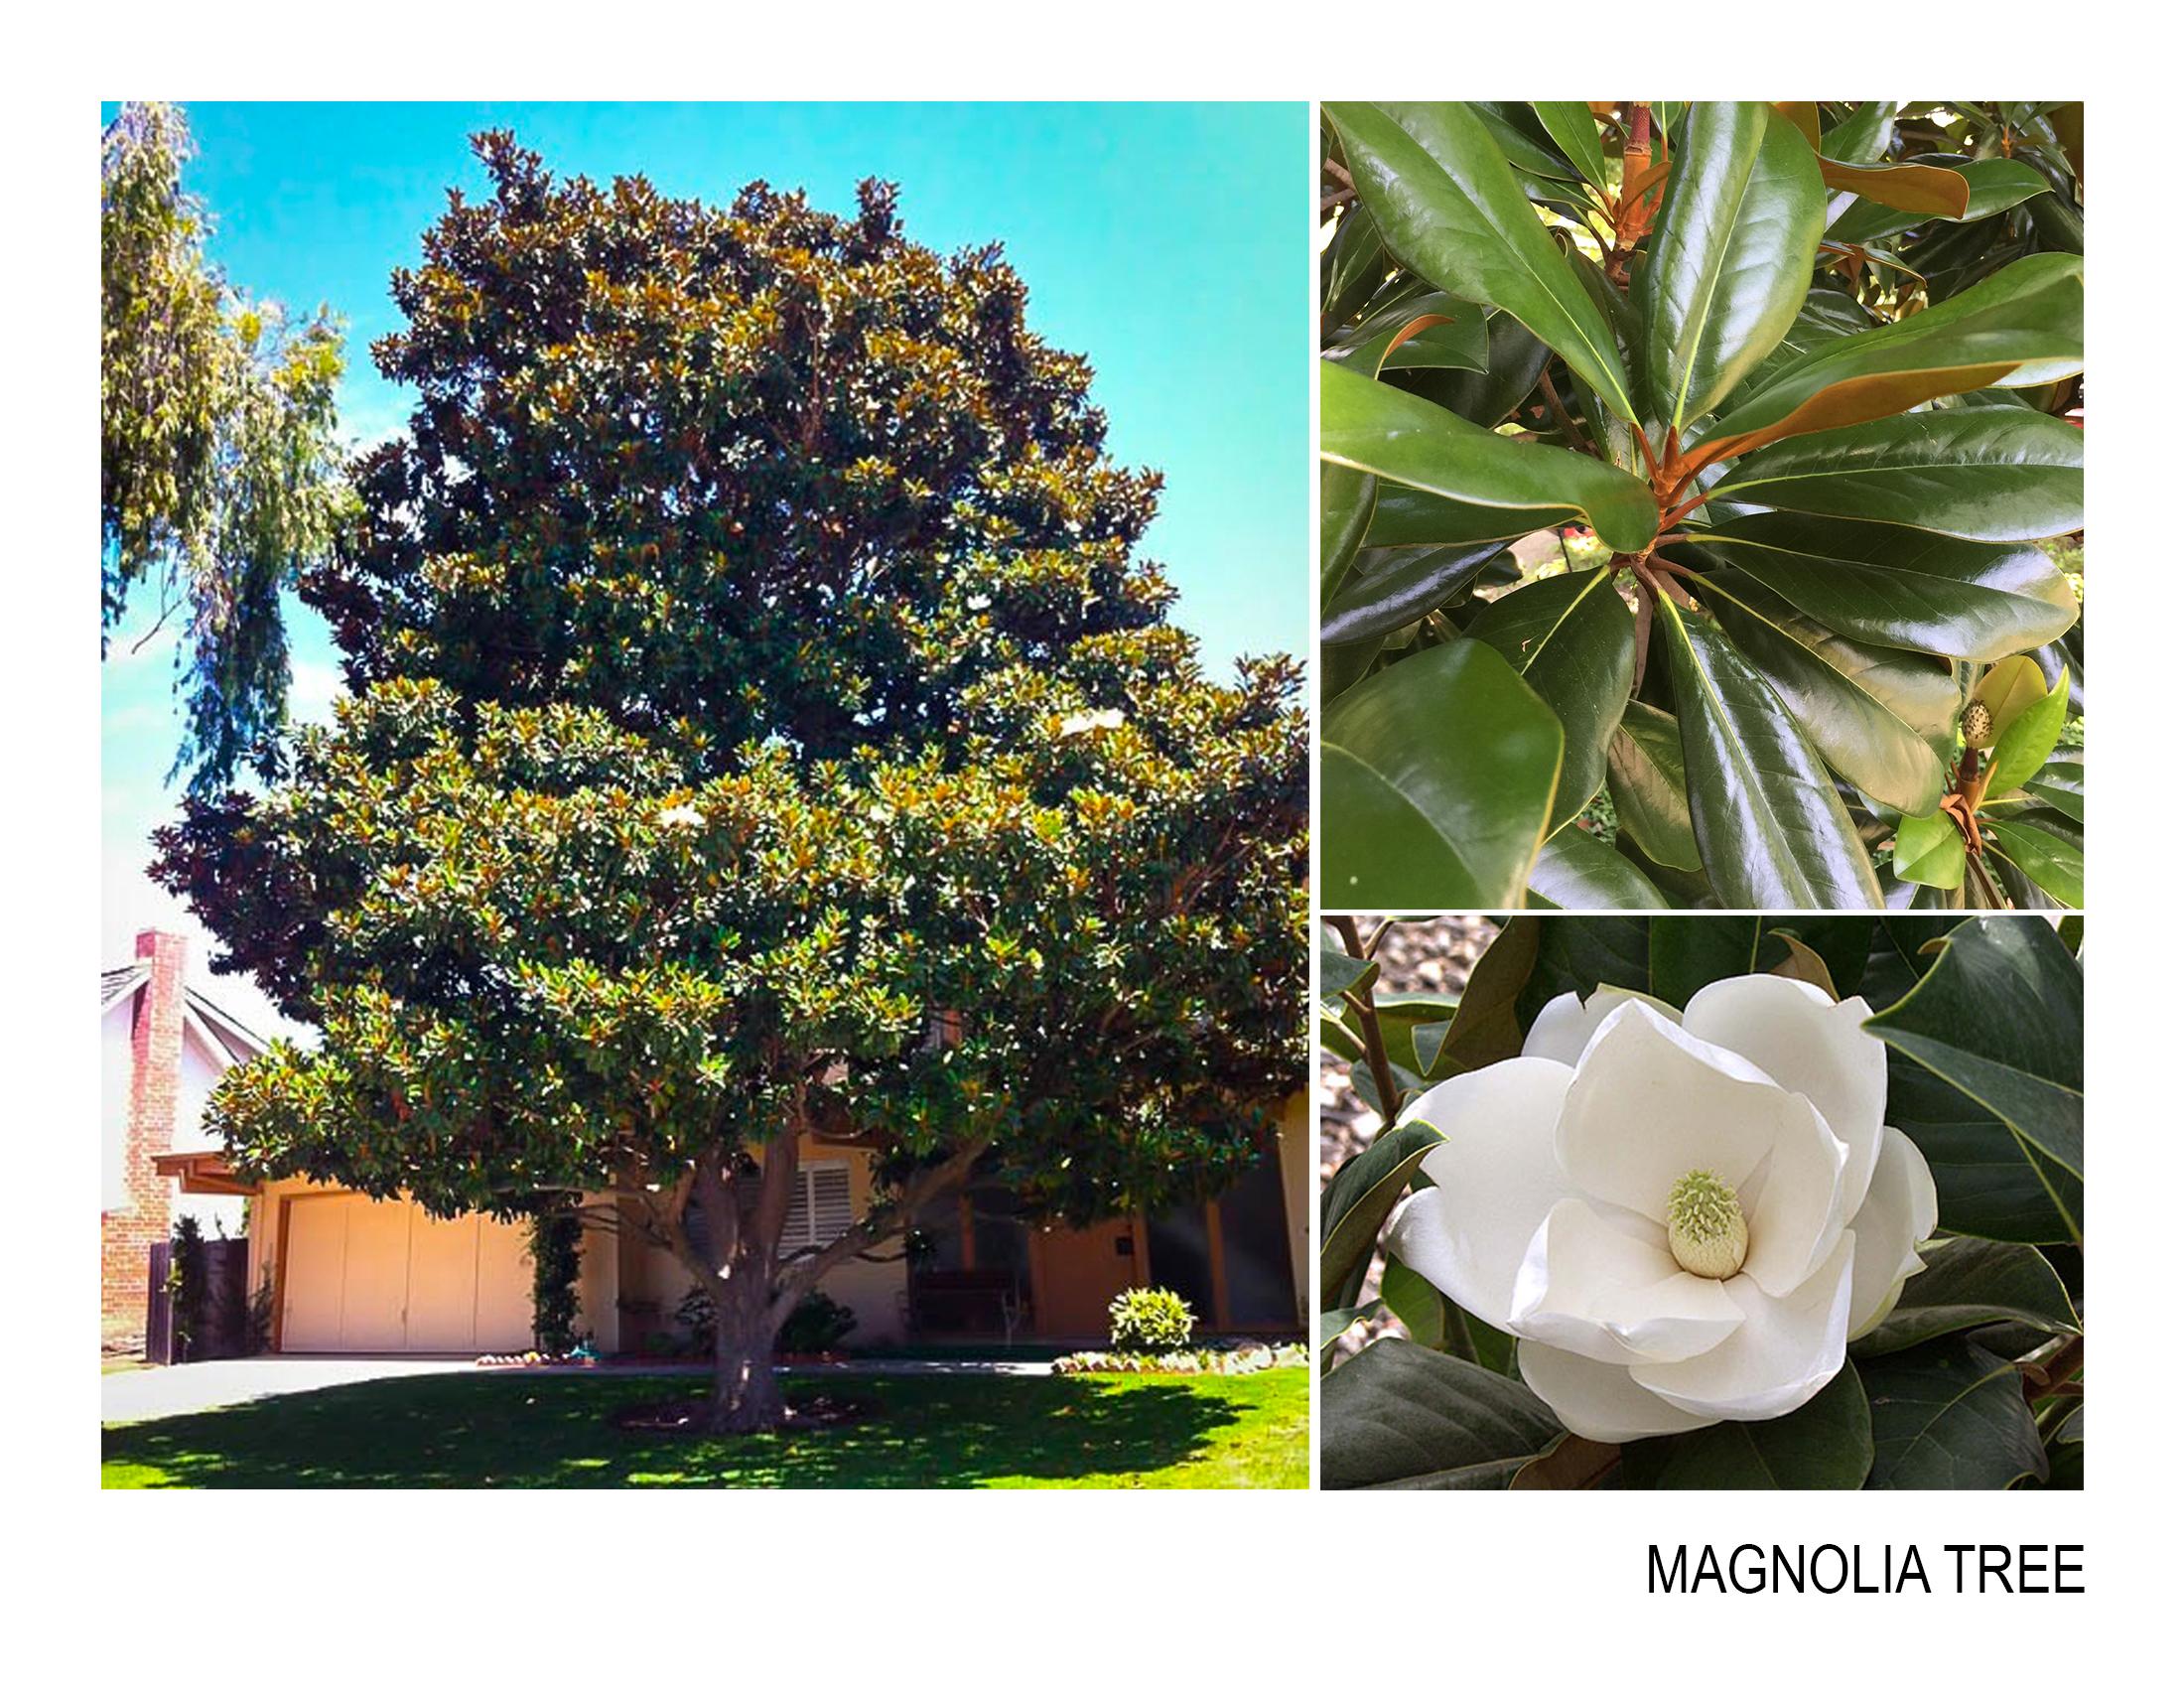 magnolia_tree.jpg